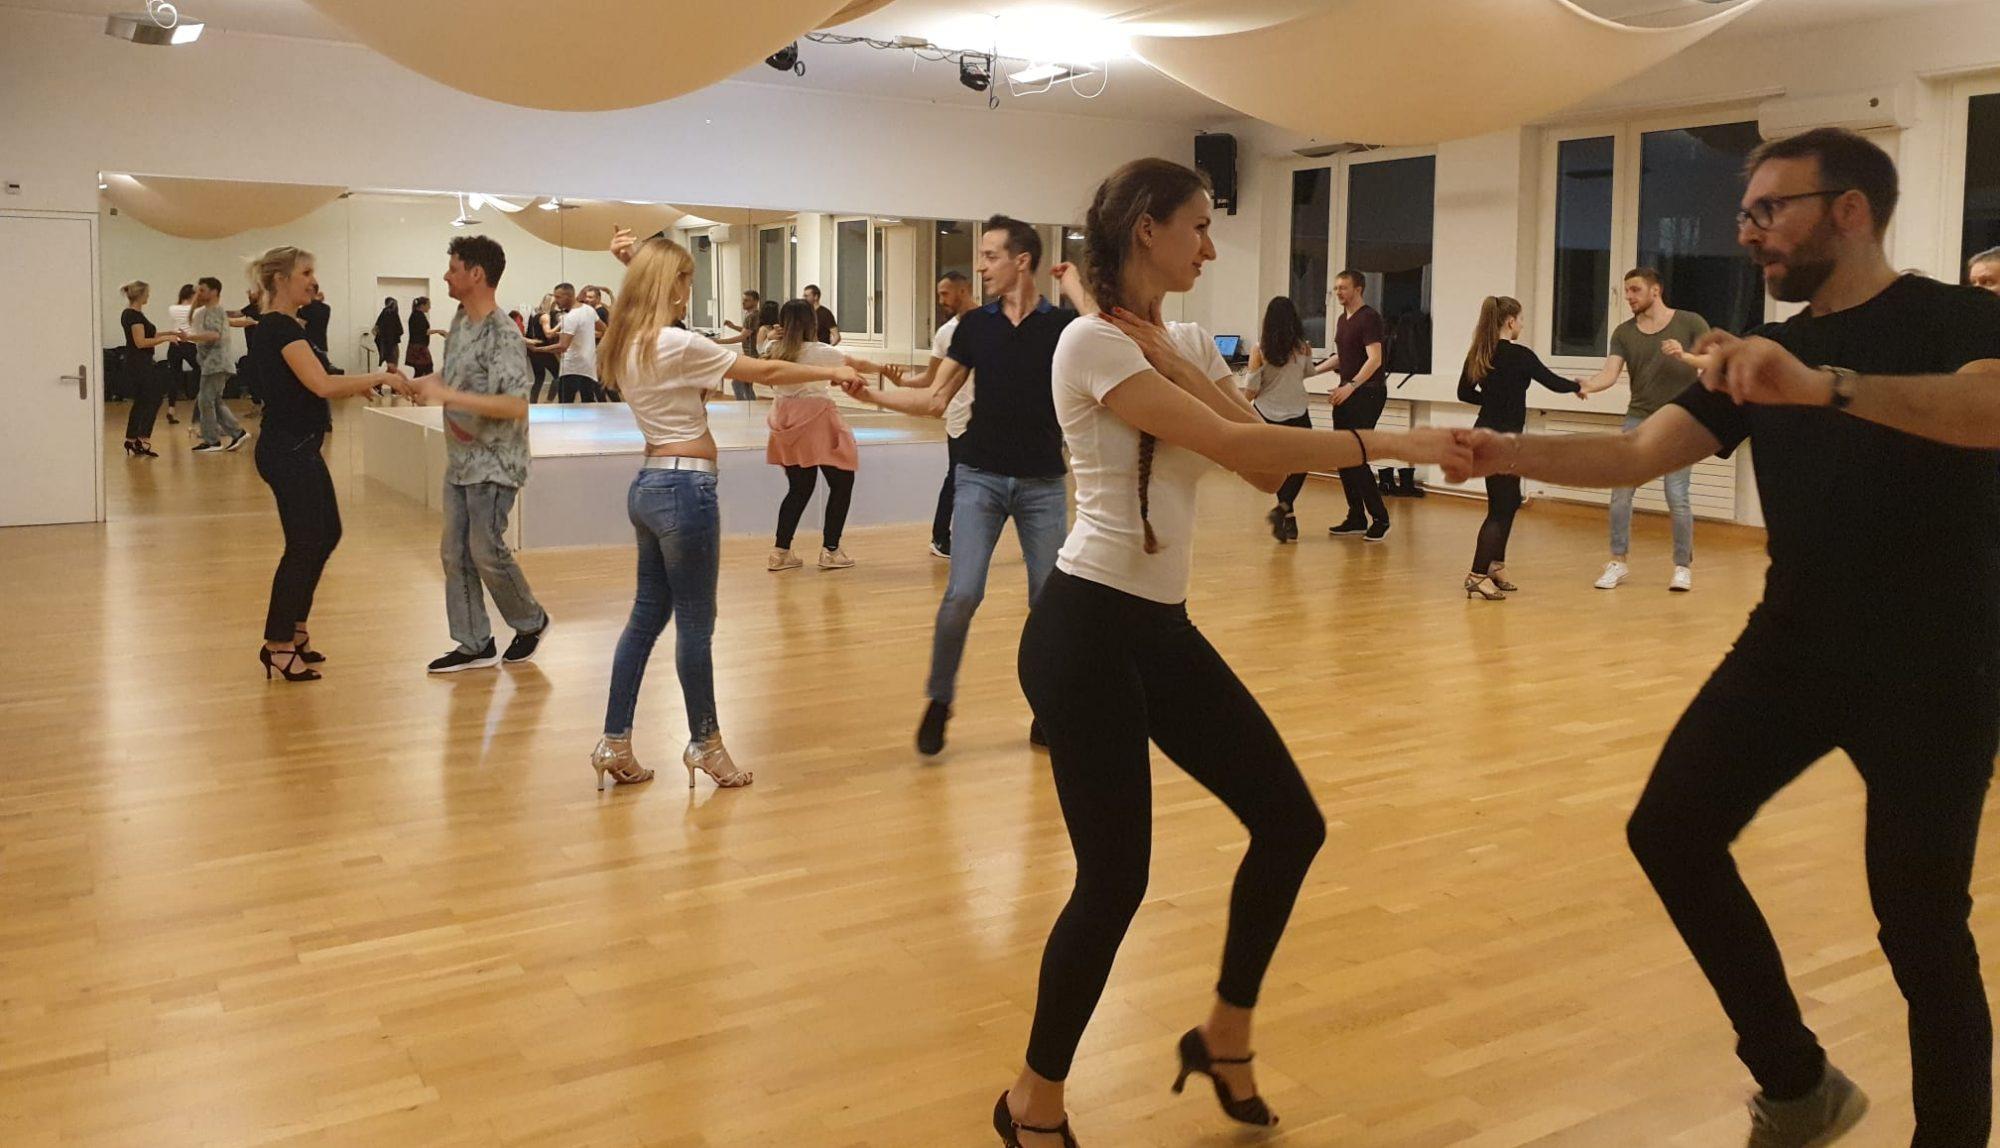 Danzare Tanzschule | Salsa, Bachata, Kizomba Tanzkurse und Zumba Fitness